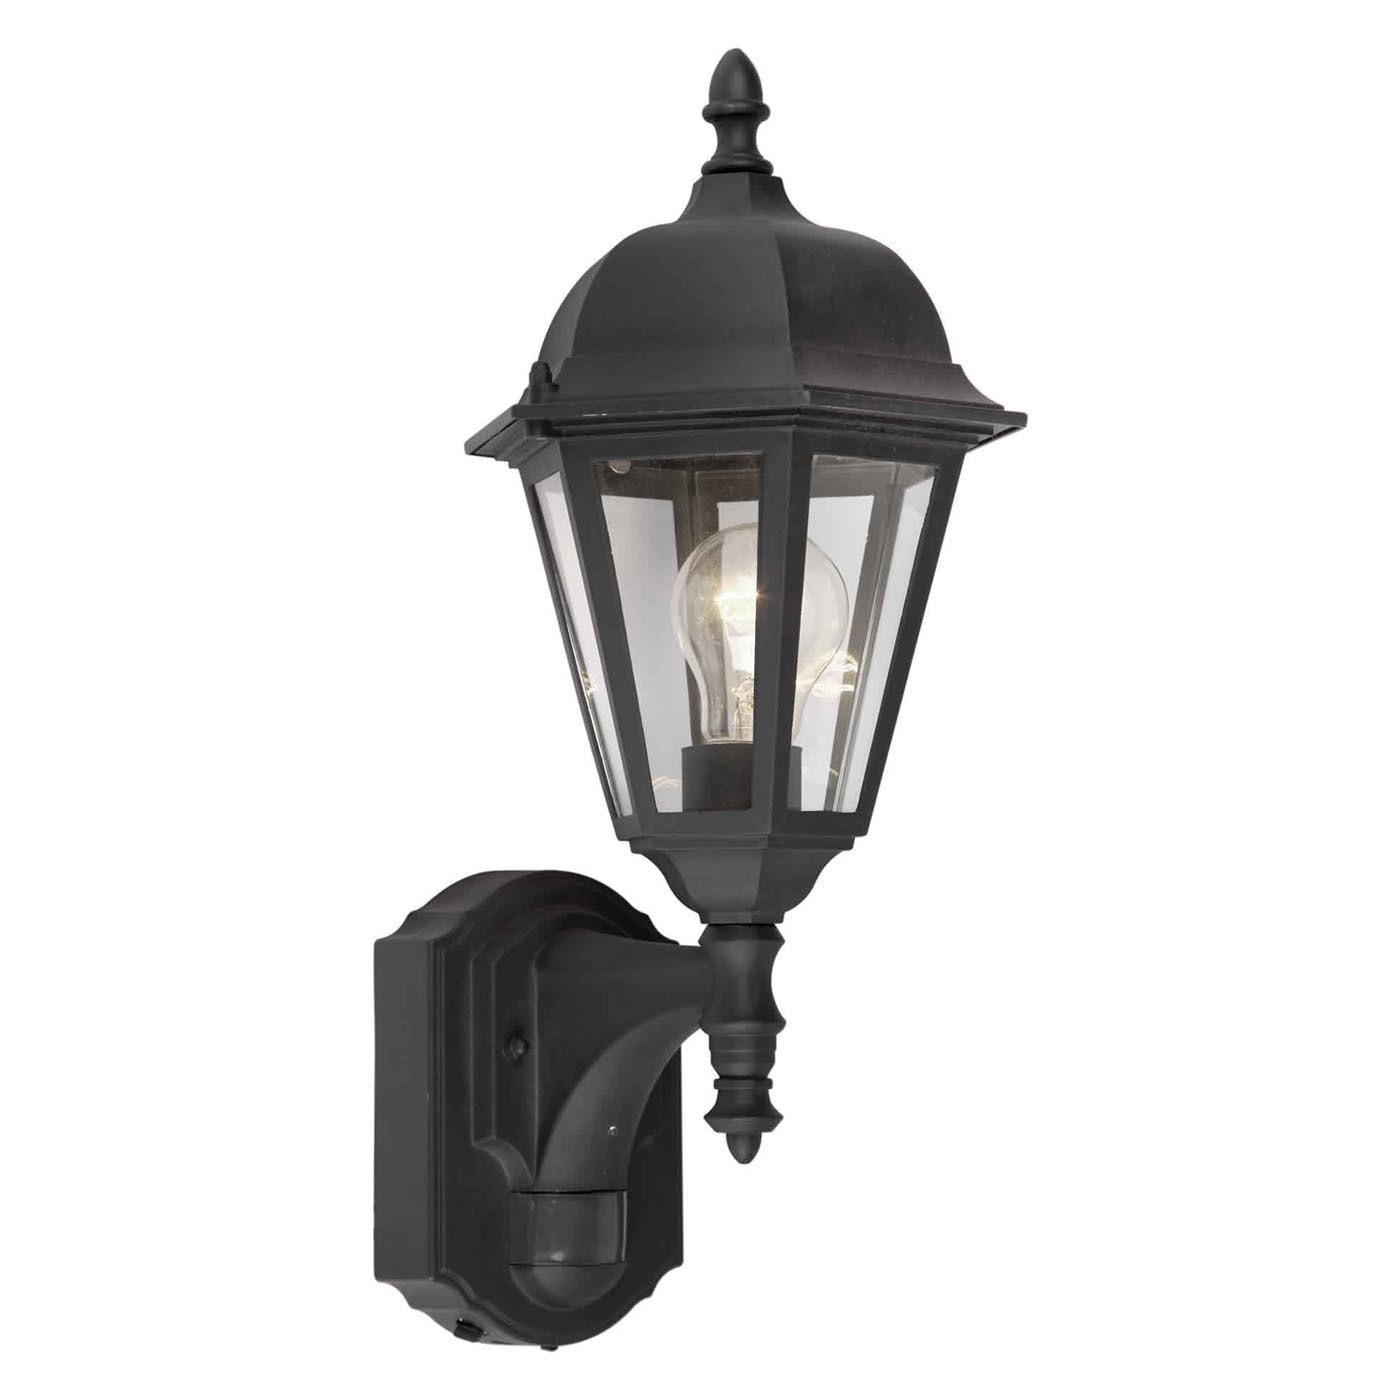 Best ideas about Motion Sensor Porch Light . Save or Pin Motion Sensor Porch Light Adapter Now.